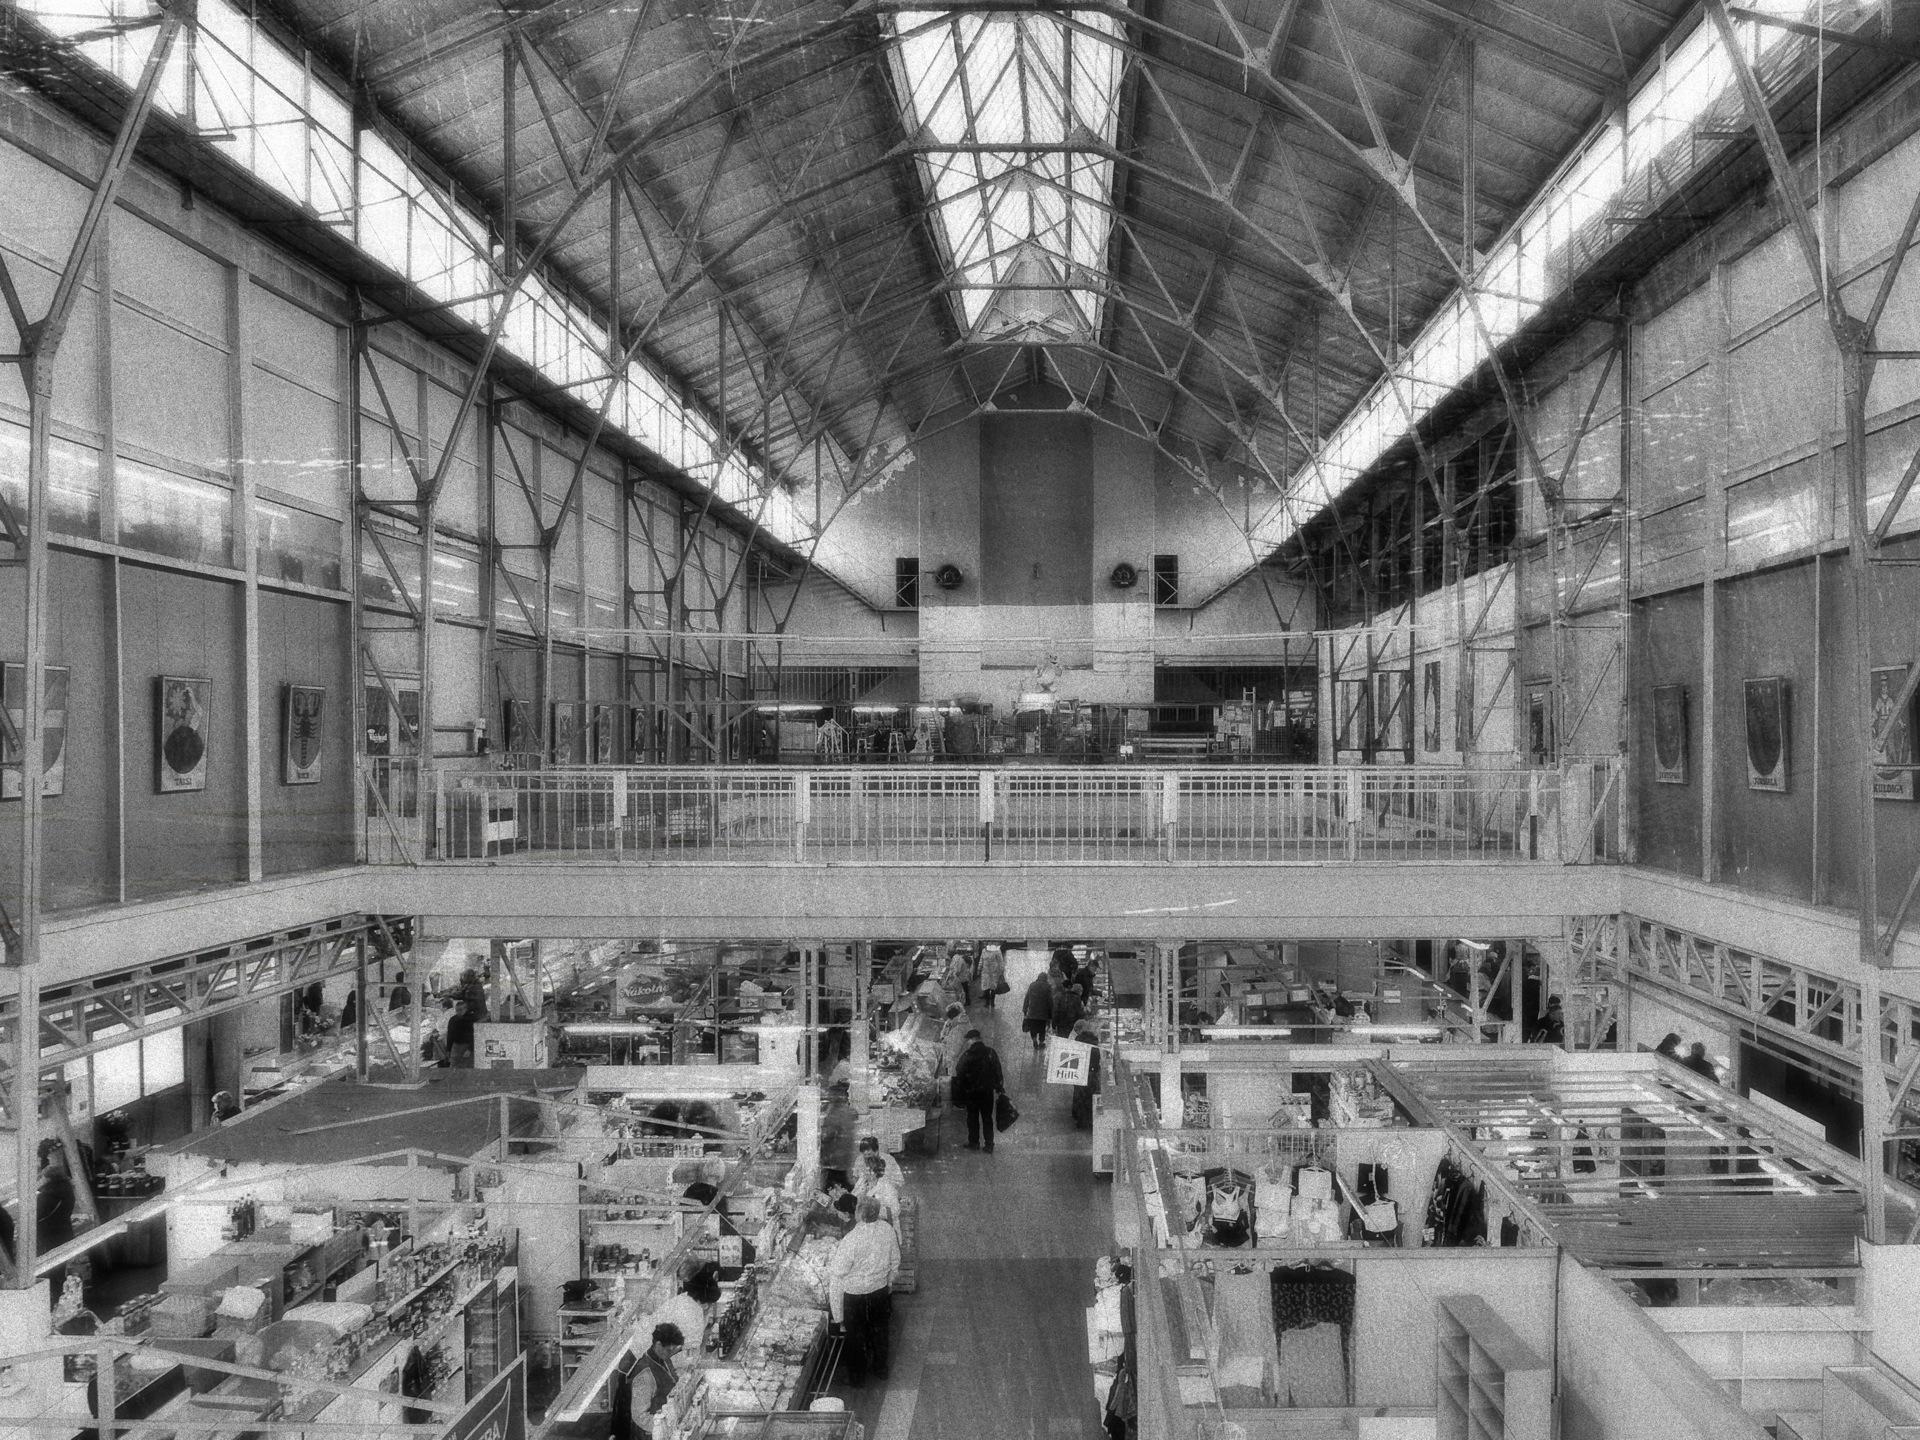 Bild: Im Zweiten Stock des Marktes von Āgenskalns - dem Āgenskalna tirgus - in Rīga kann für wenig Geld sehr gut Essen.